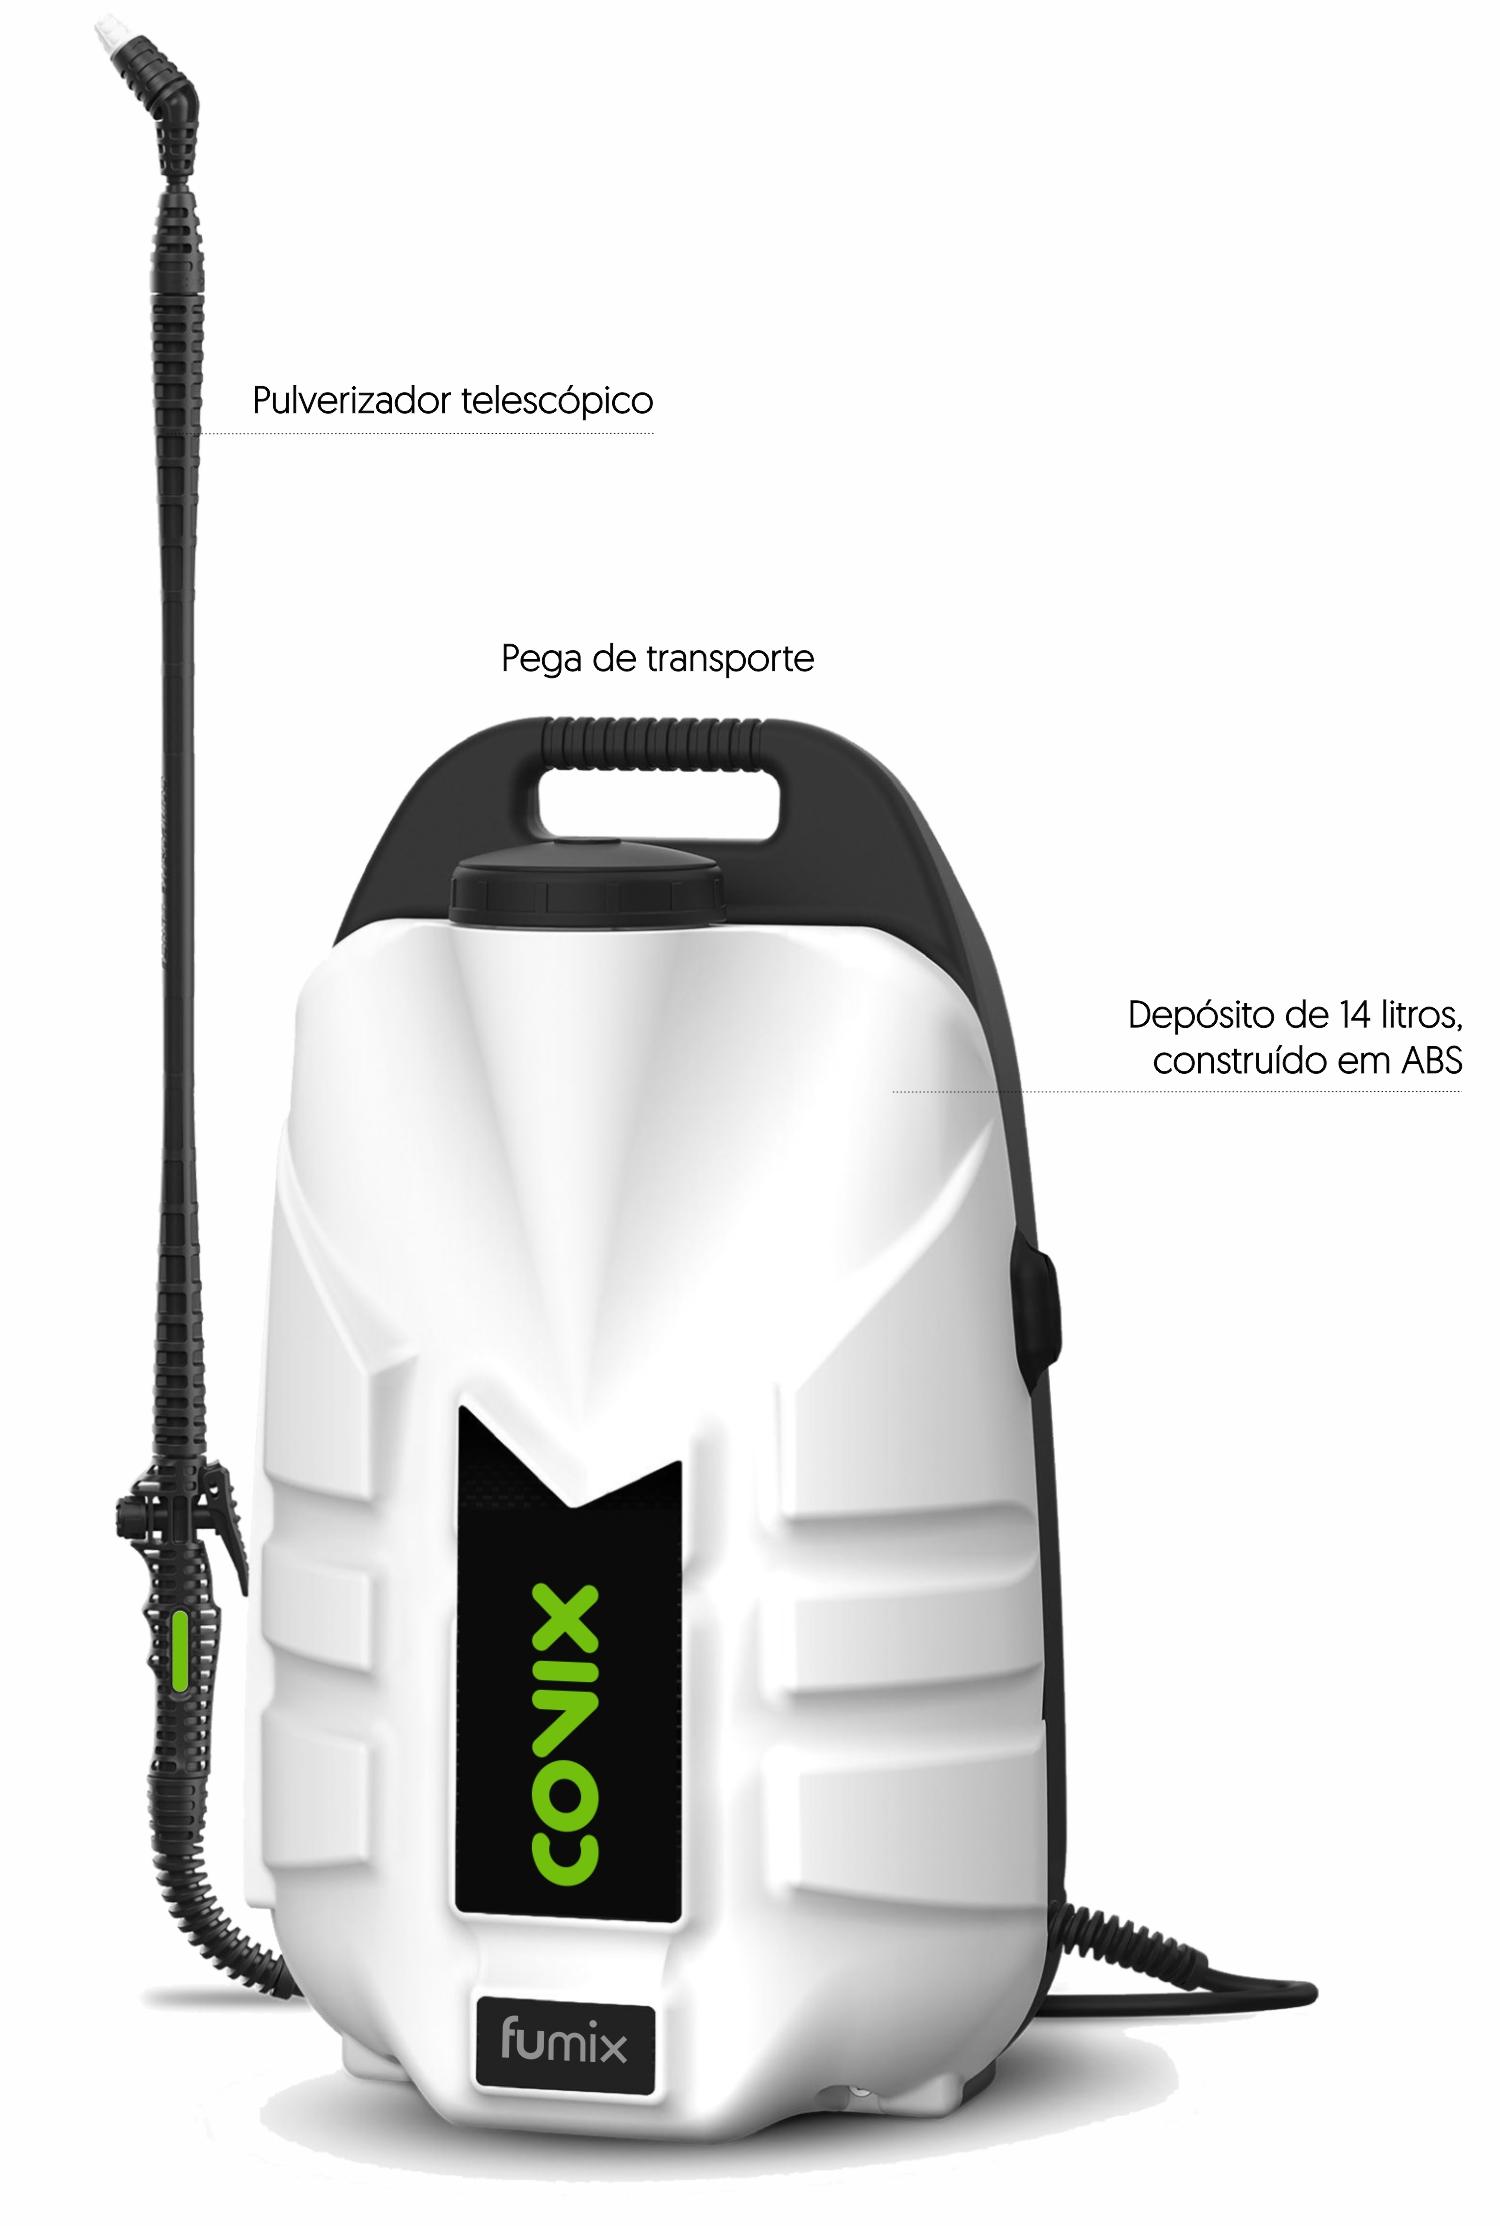 pulverizador eléctrico desinfecção